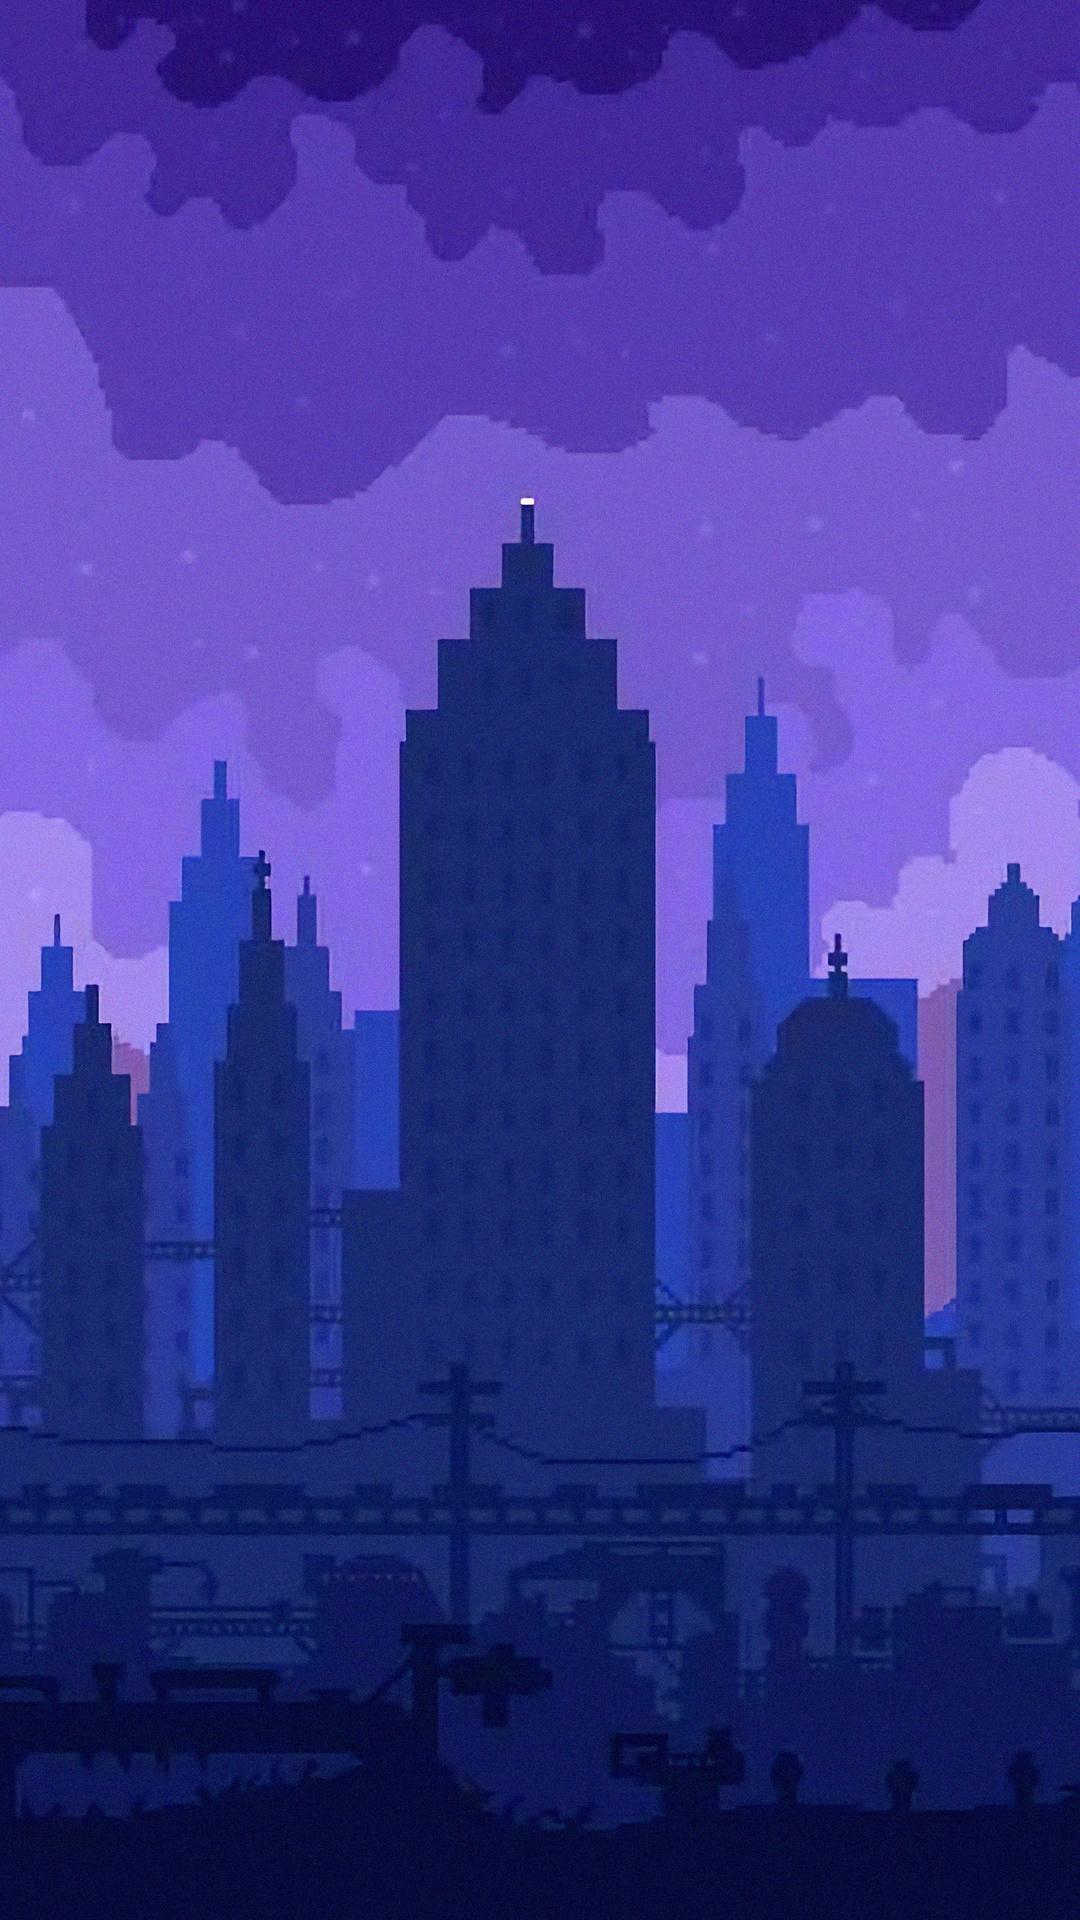 high-skies-pixel-art-4k-b3.jpg